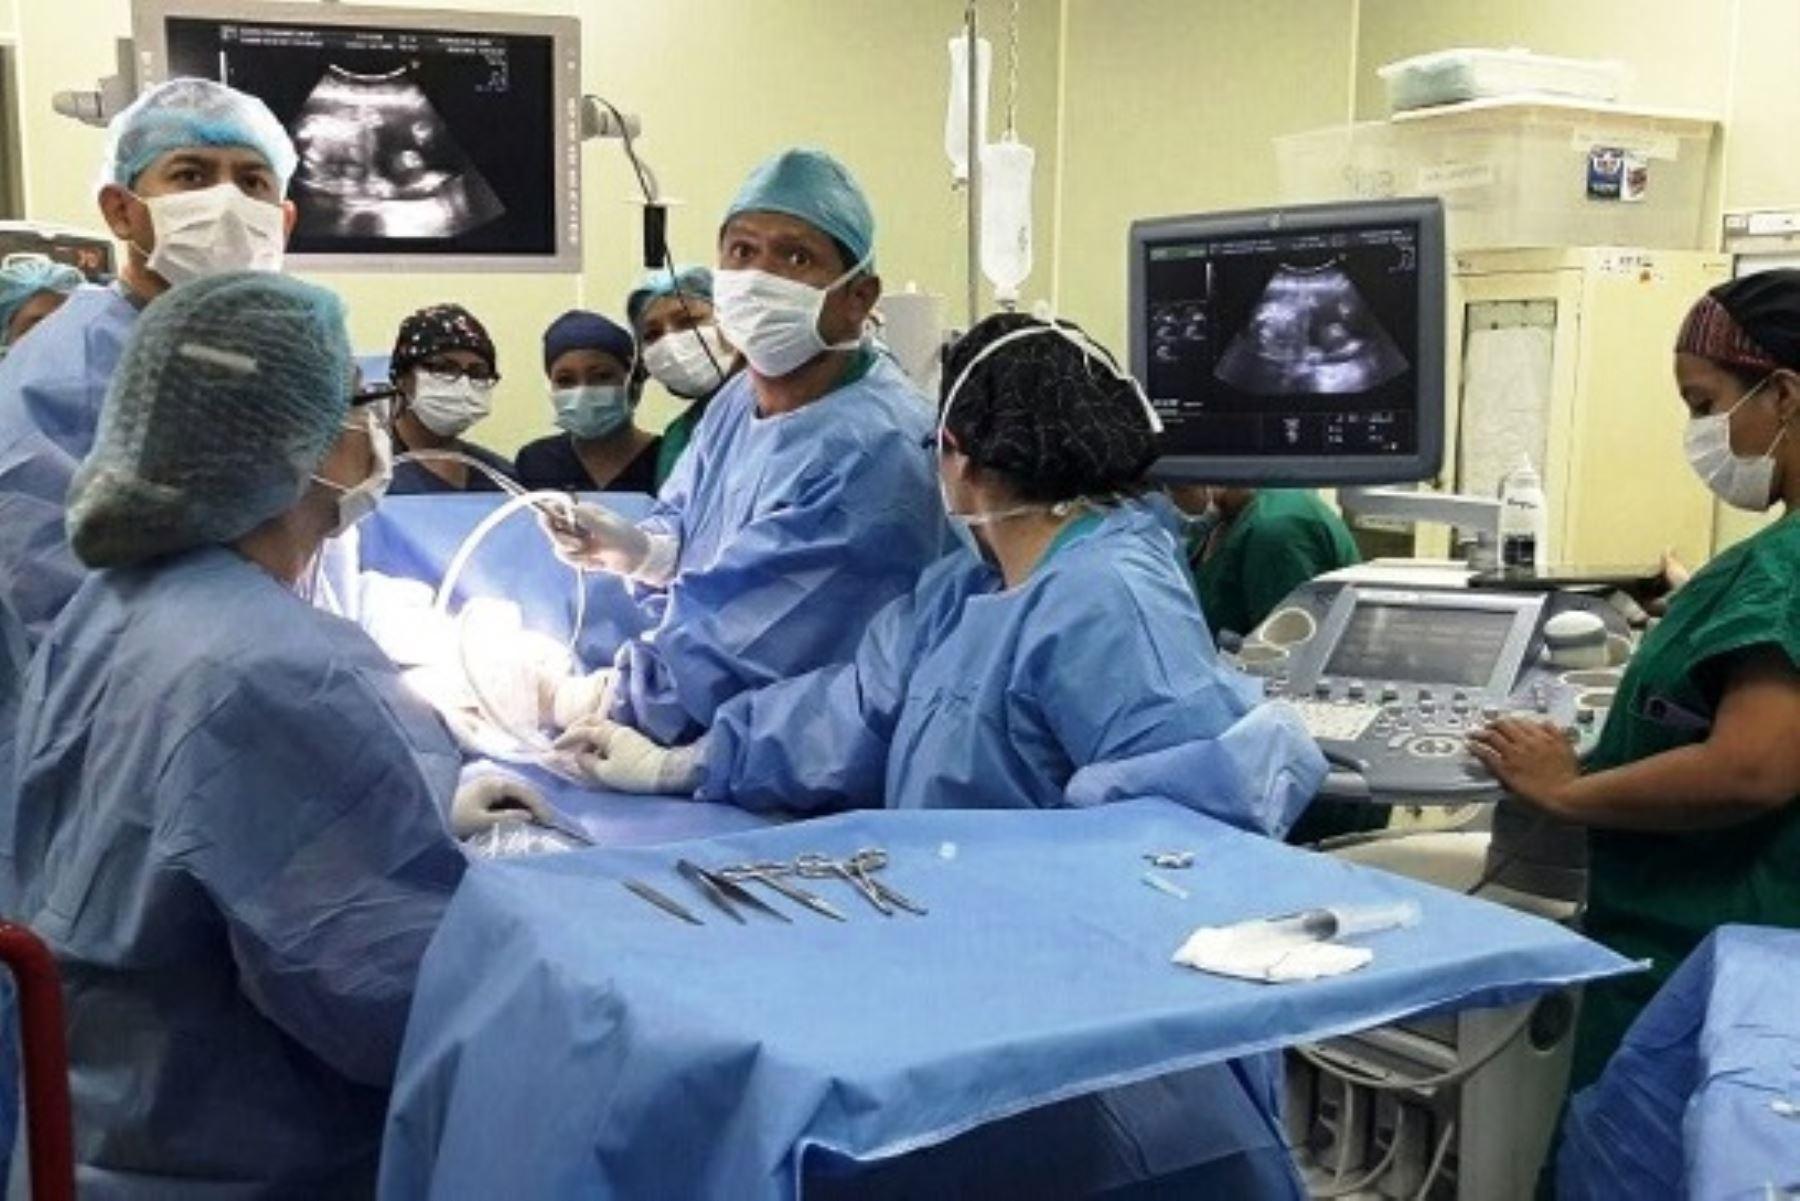 Cirugía fetal en el Instituto Nacional Materno Perinatal. Foto: ANDINA/Difusión.